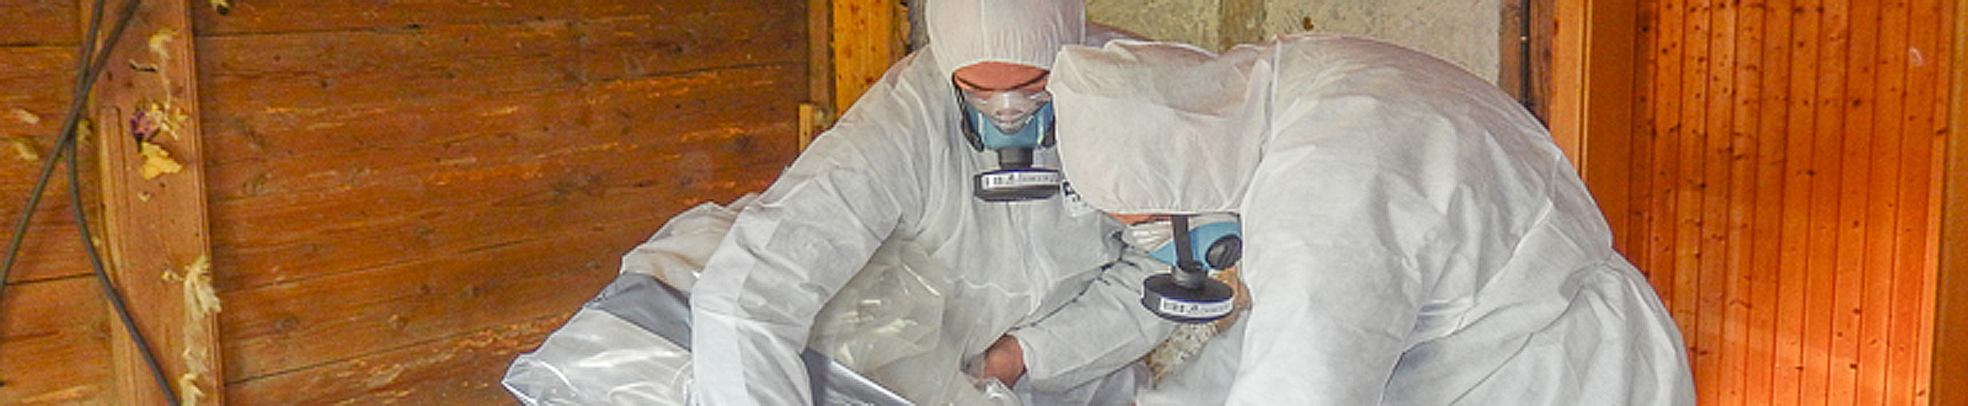 Asbest (2b von 1)